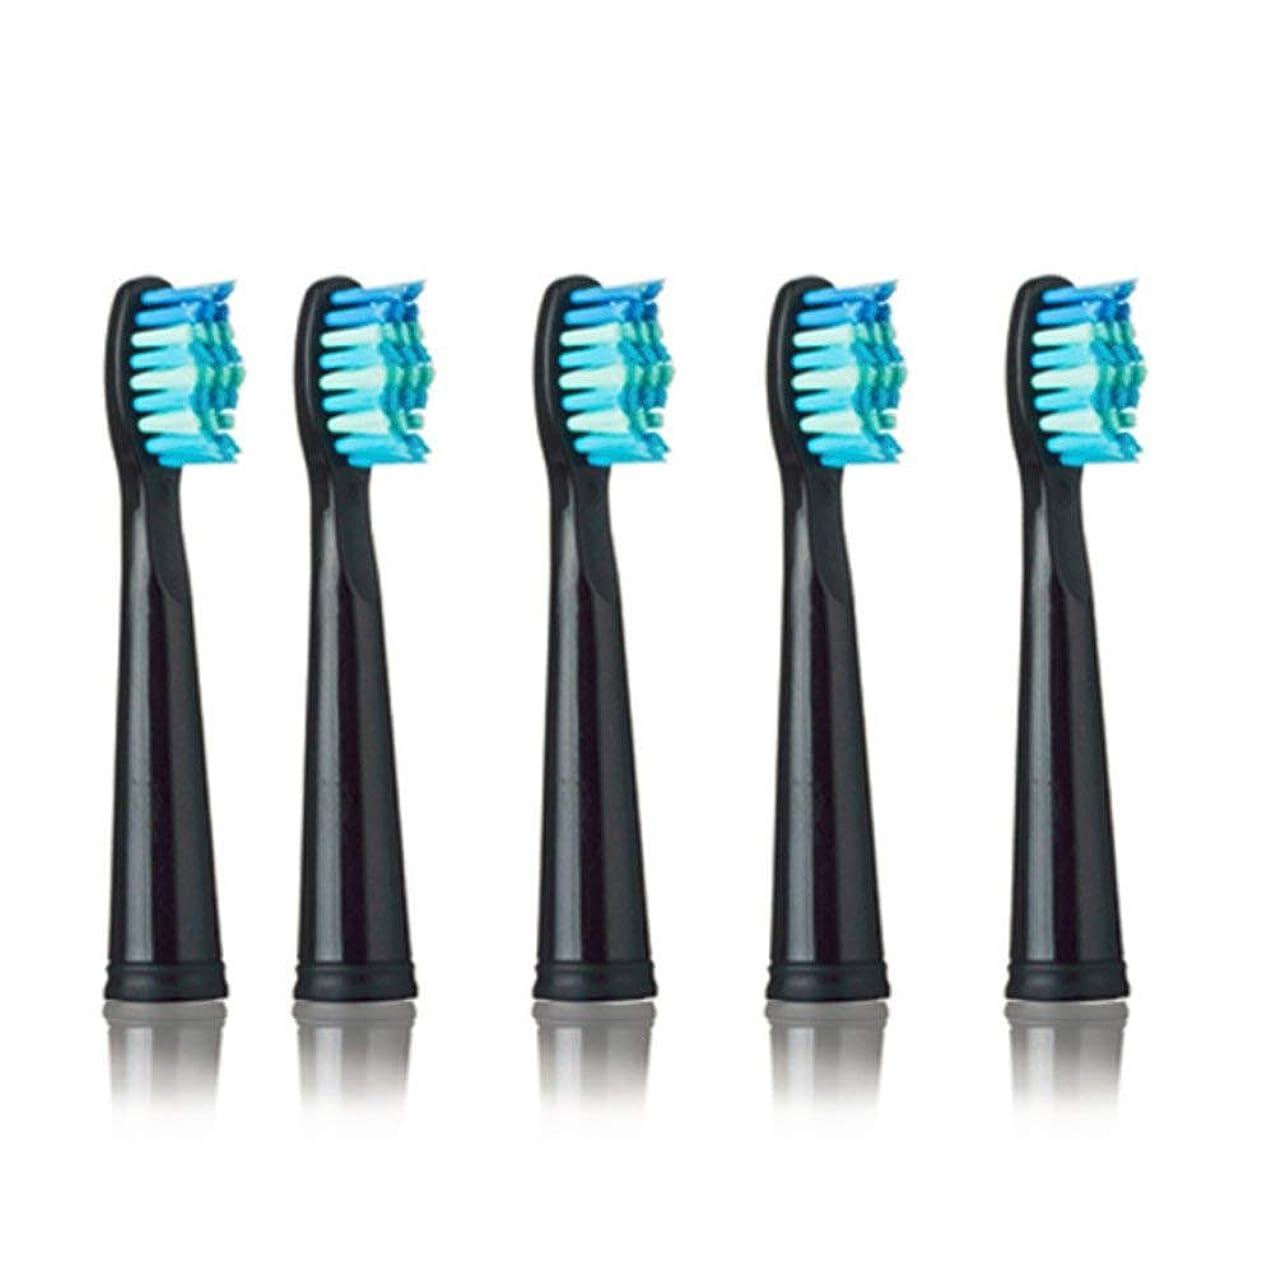 給料平和なすべてSEAGO 949/507/610/659用電動歯ブラシヘッド抗菌自動歯ブラシヘッド電動歯ブラシ - ブラック